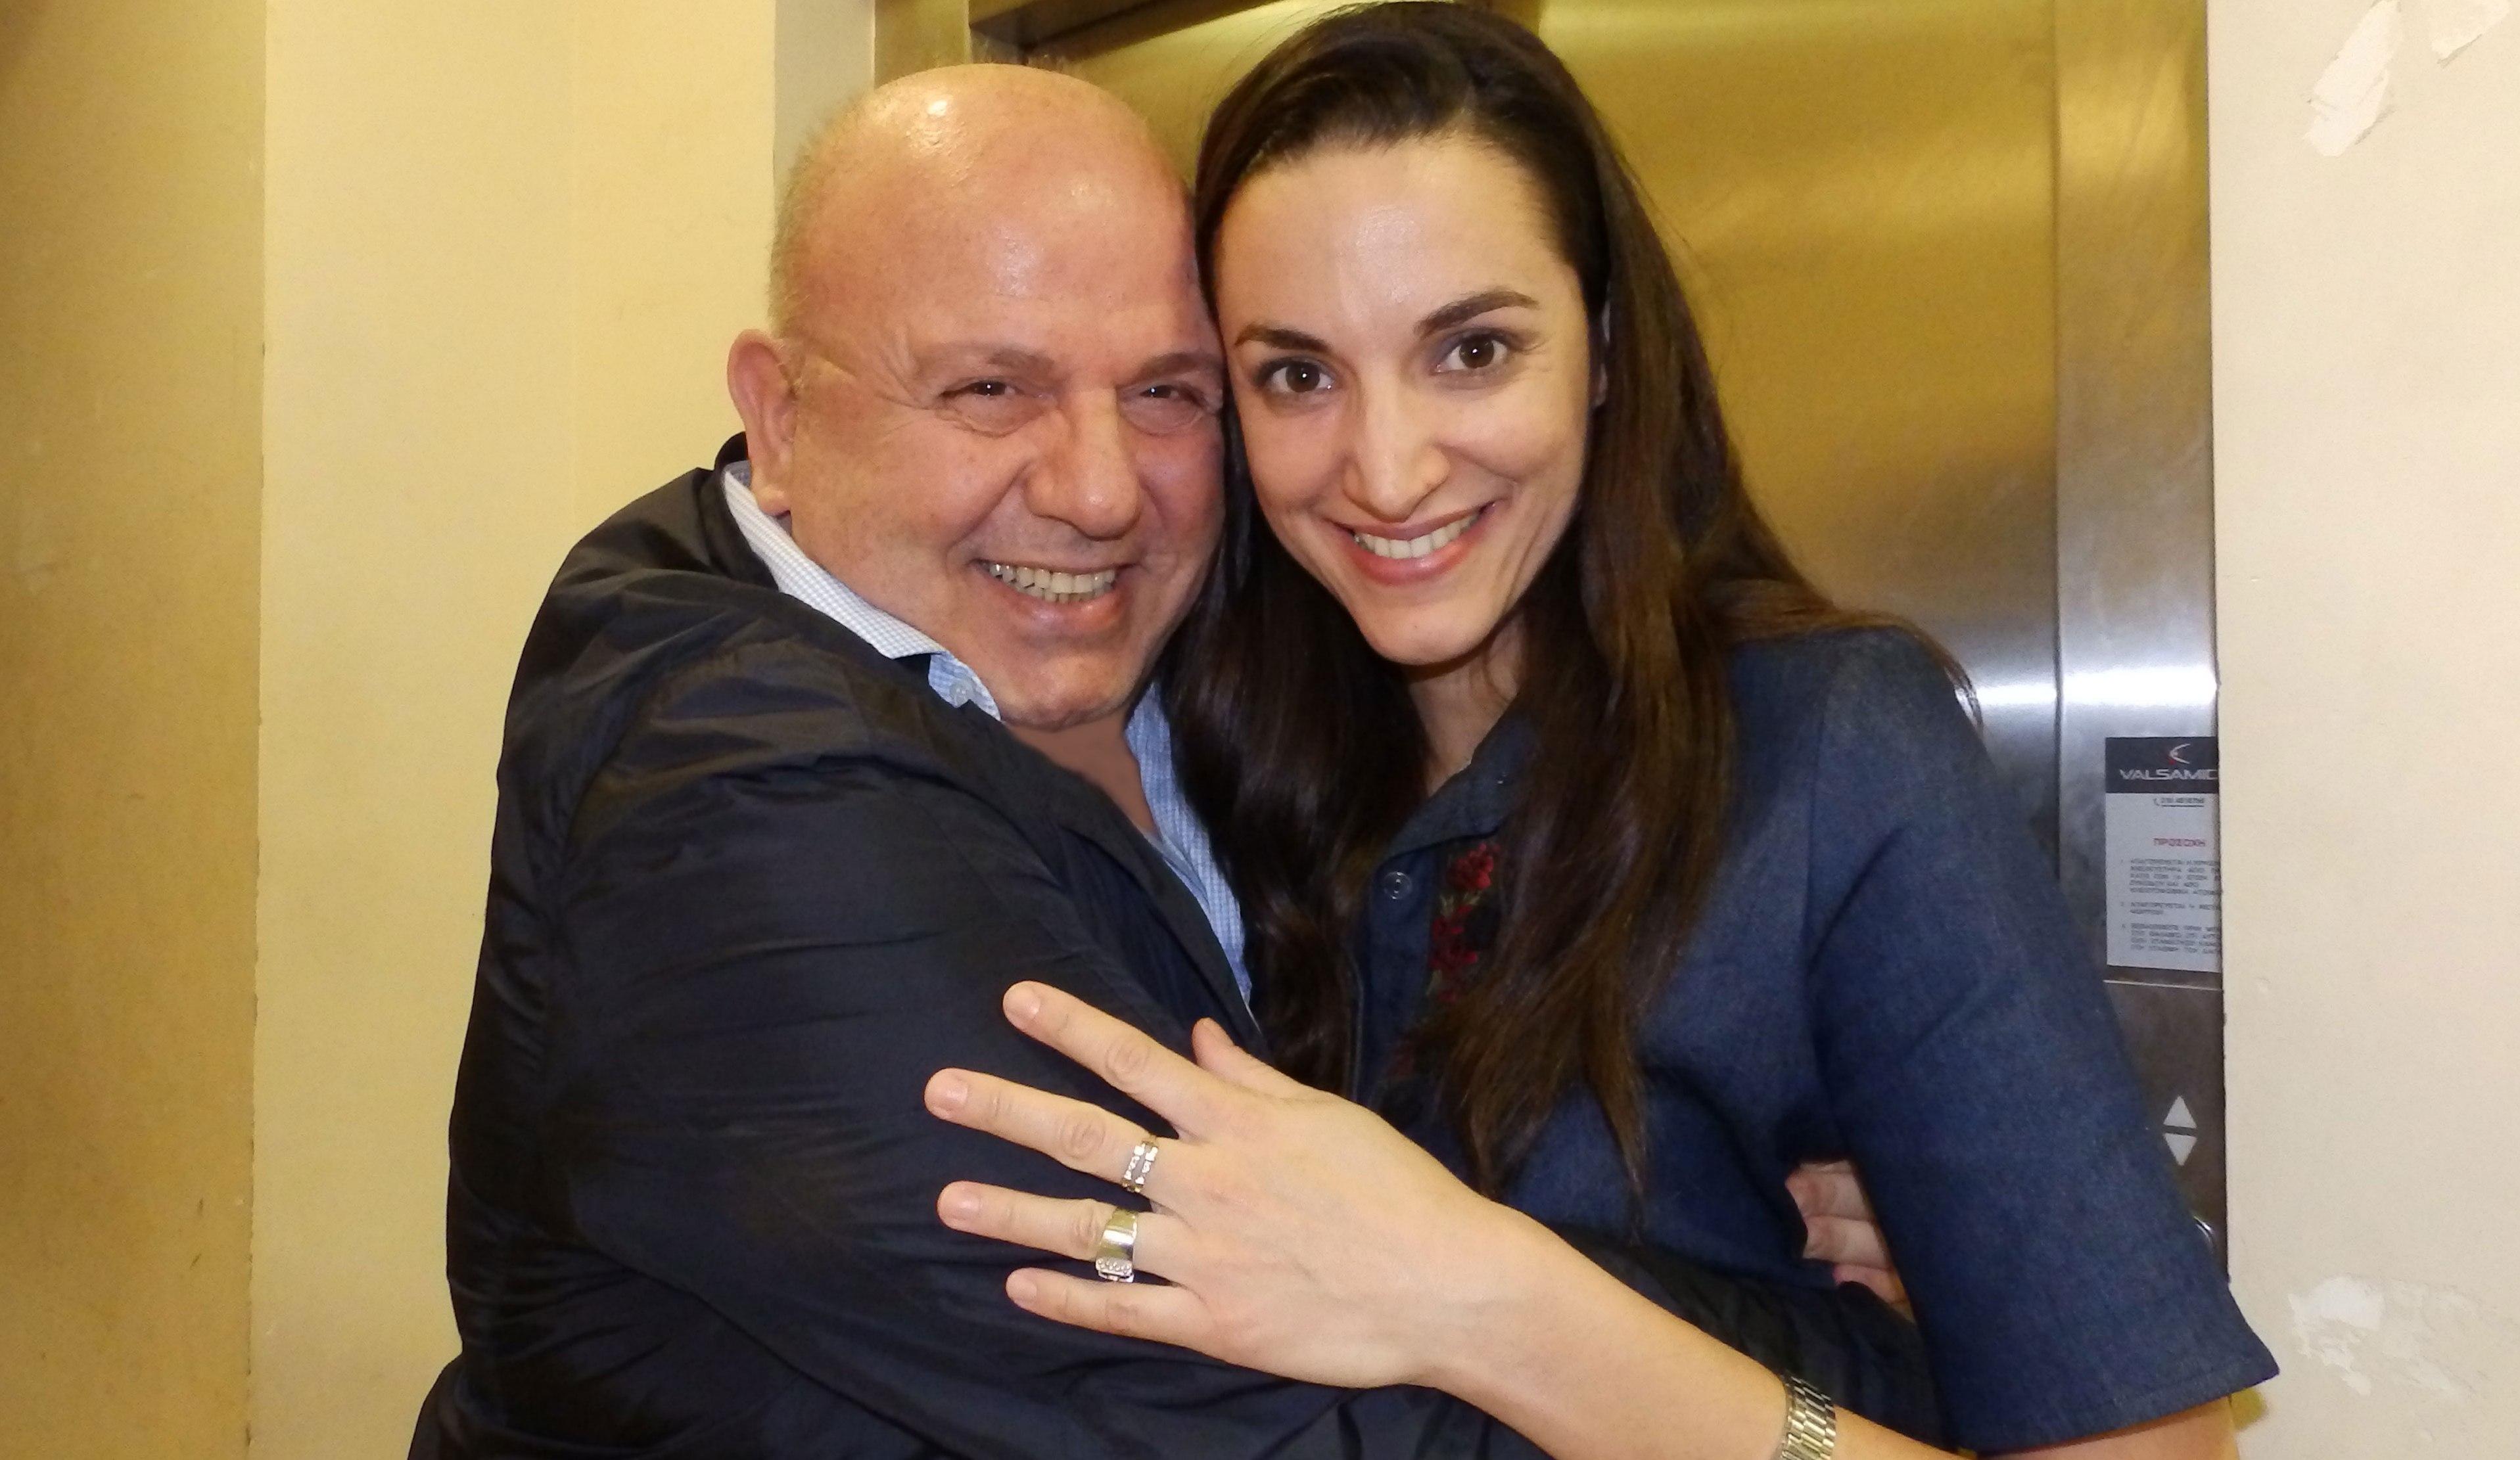 Νίκος Μουρατίδης, Κατερίνα Ευαγγελάτου ΦΑΟΥΣΤ